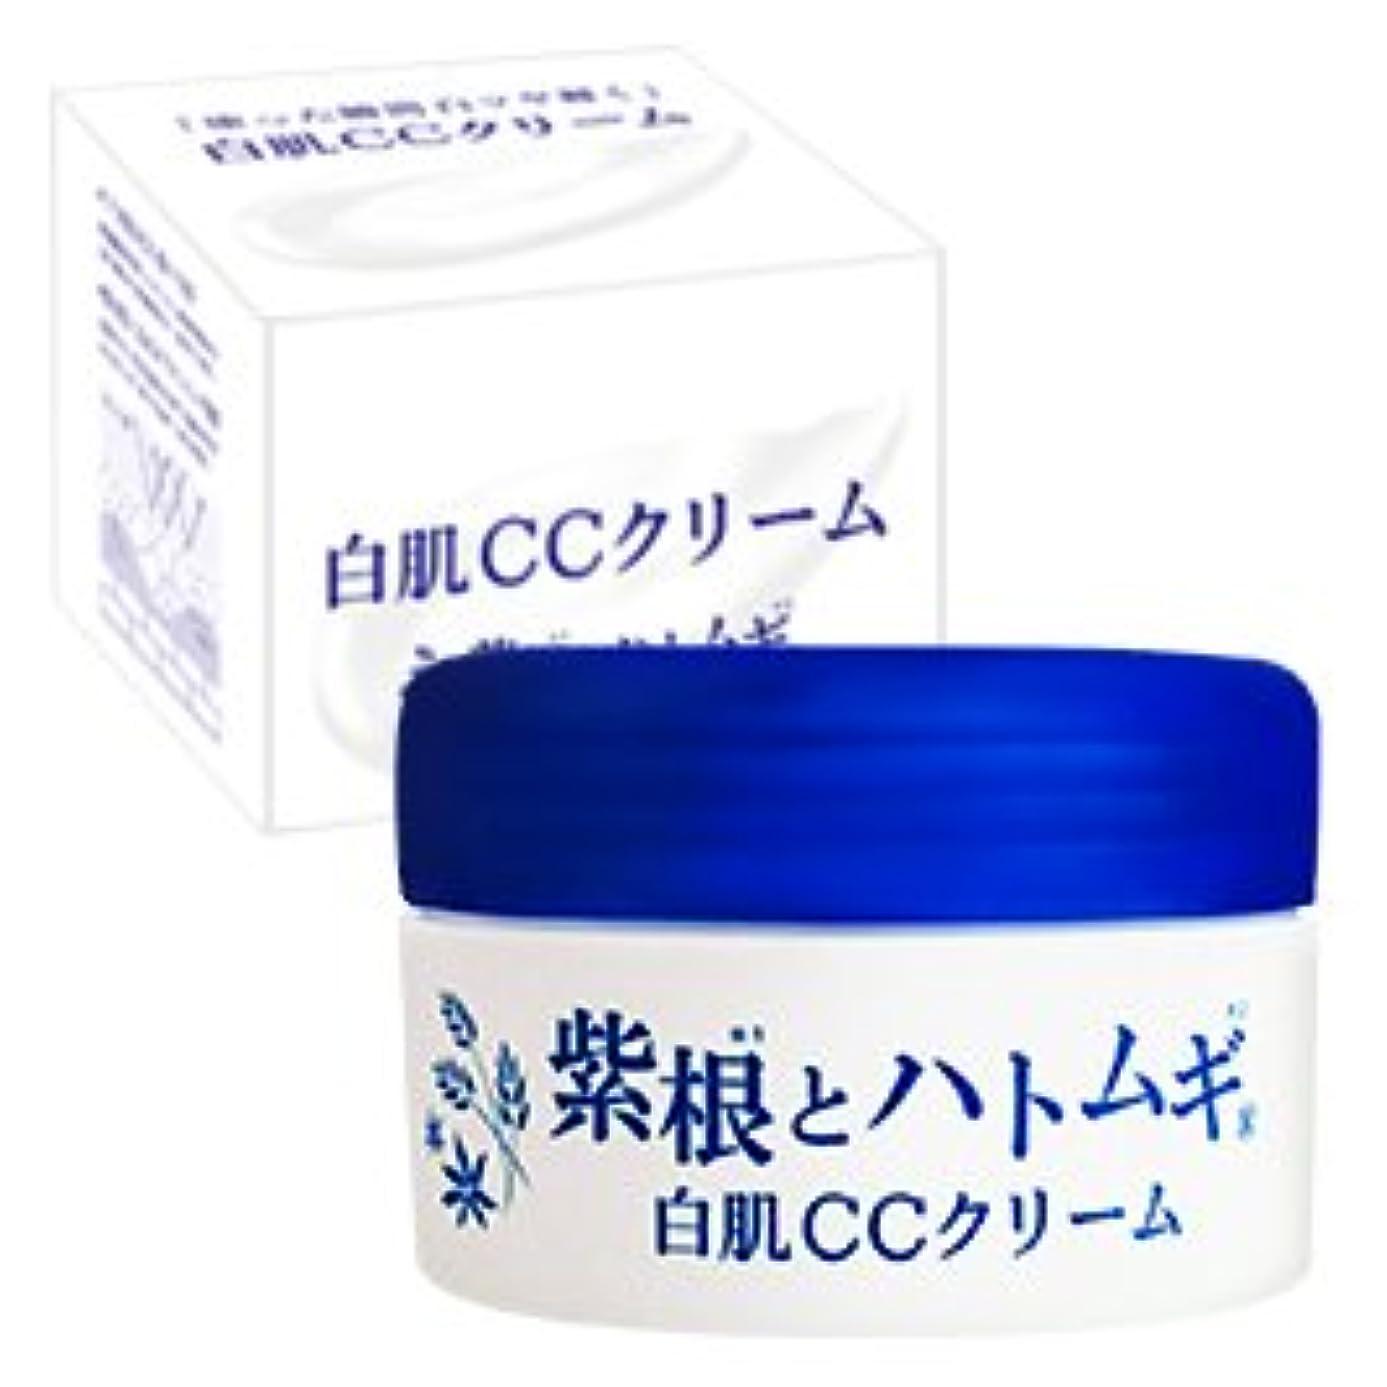 ウッズ守る百年紫根とハトムギ 白肌CCクリーム 100g